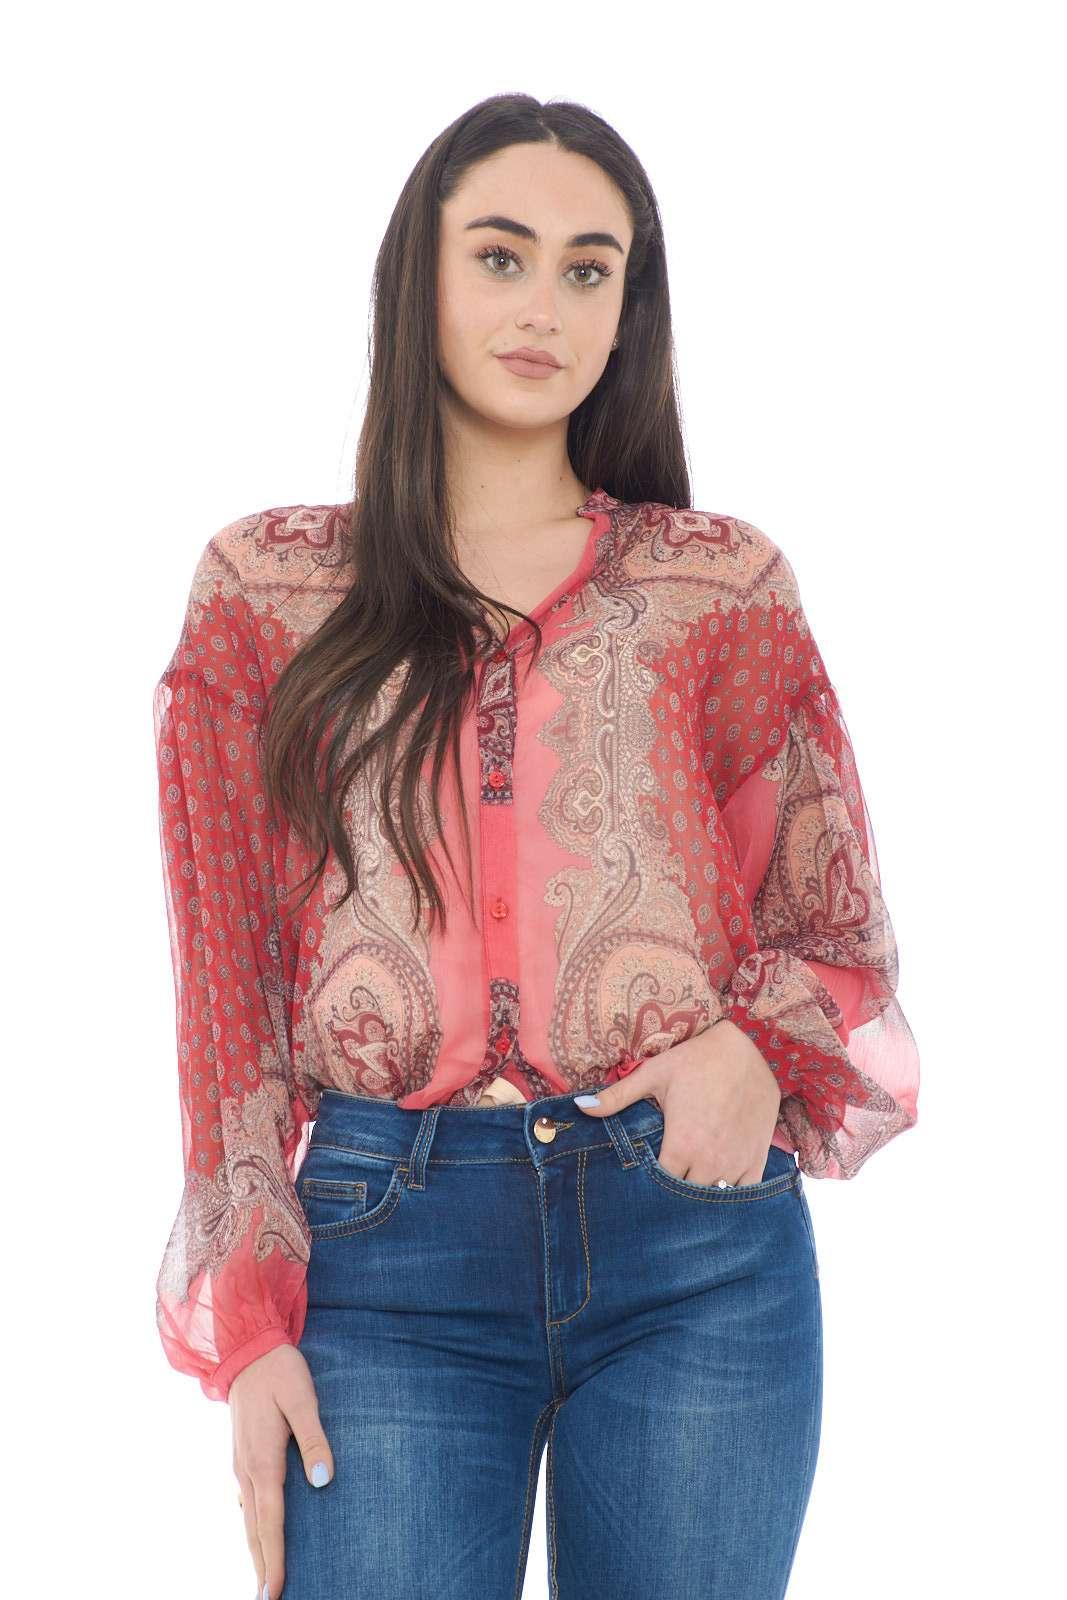 Leggera, morbida e chic, la camicia firmata TwinSet, assicurerà classe ed eleganza ad ogni outfit. Da indossare con jeans, o pantaloni, per stili diversi, ma sempre impeccabili. Un caposaldo per la tua primavera estate.